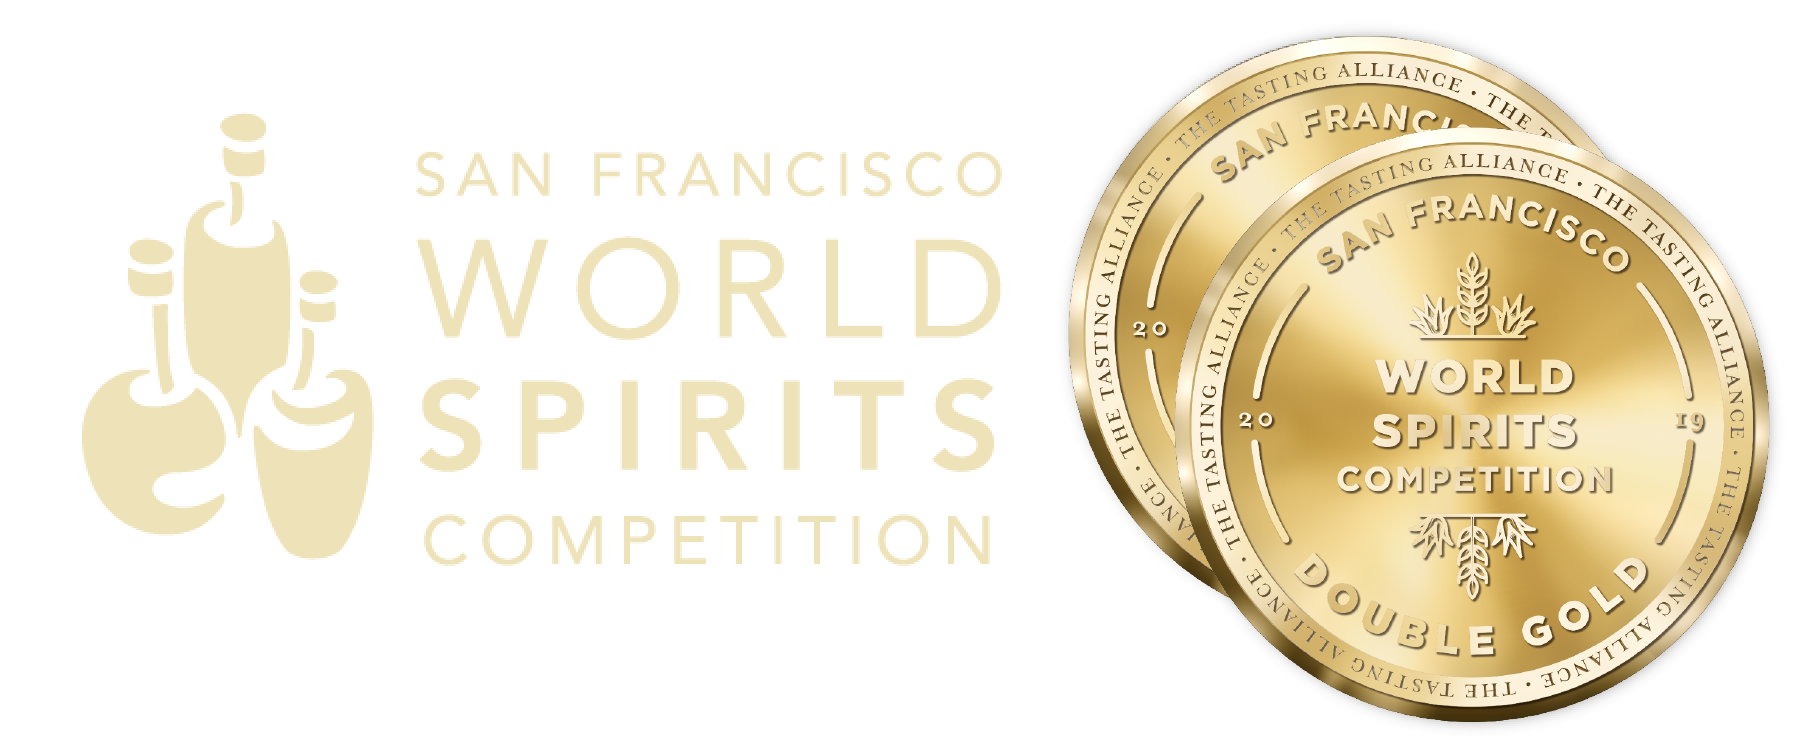 Double Gold Medal for Belle Meade Bourbon Honey Cask Finsih